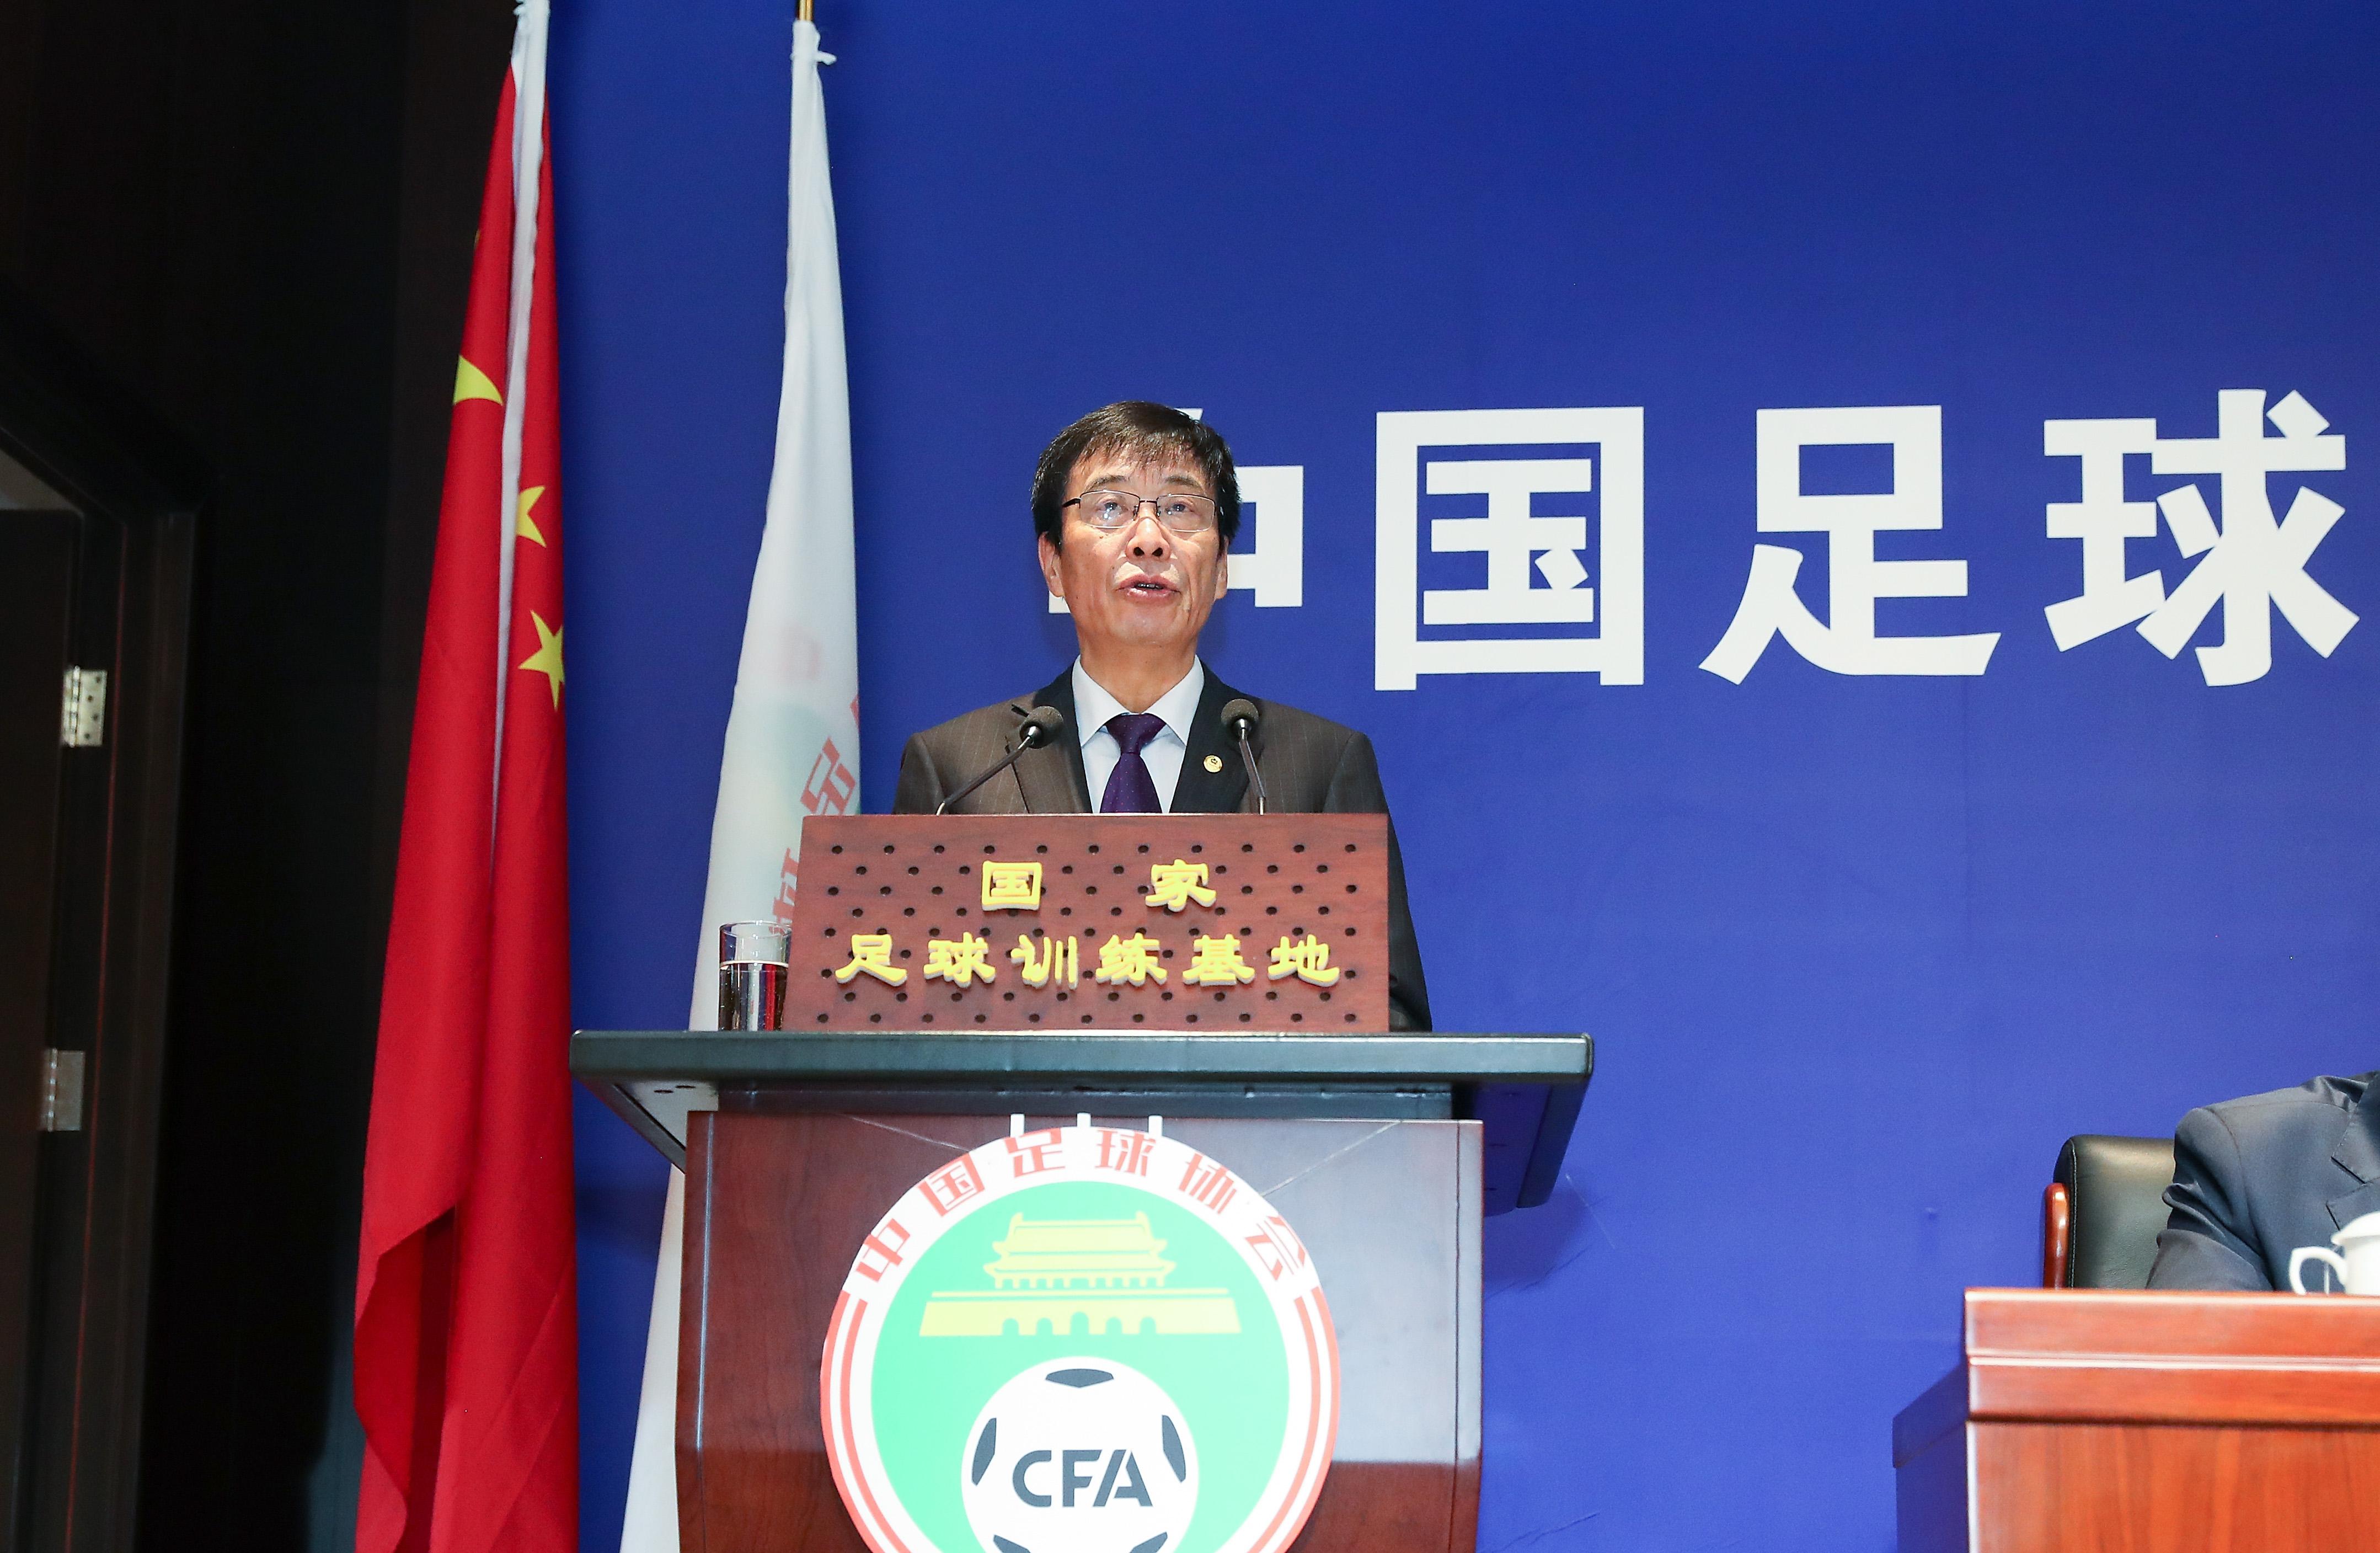 足球——第十一届中国足球协会会员大会开幕